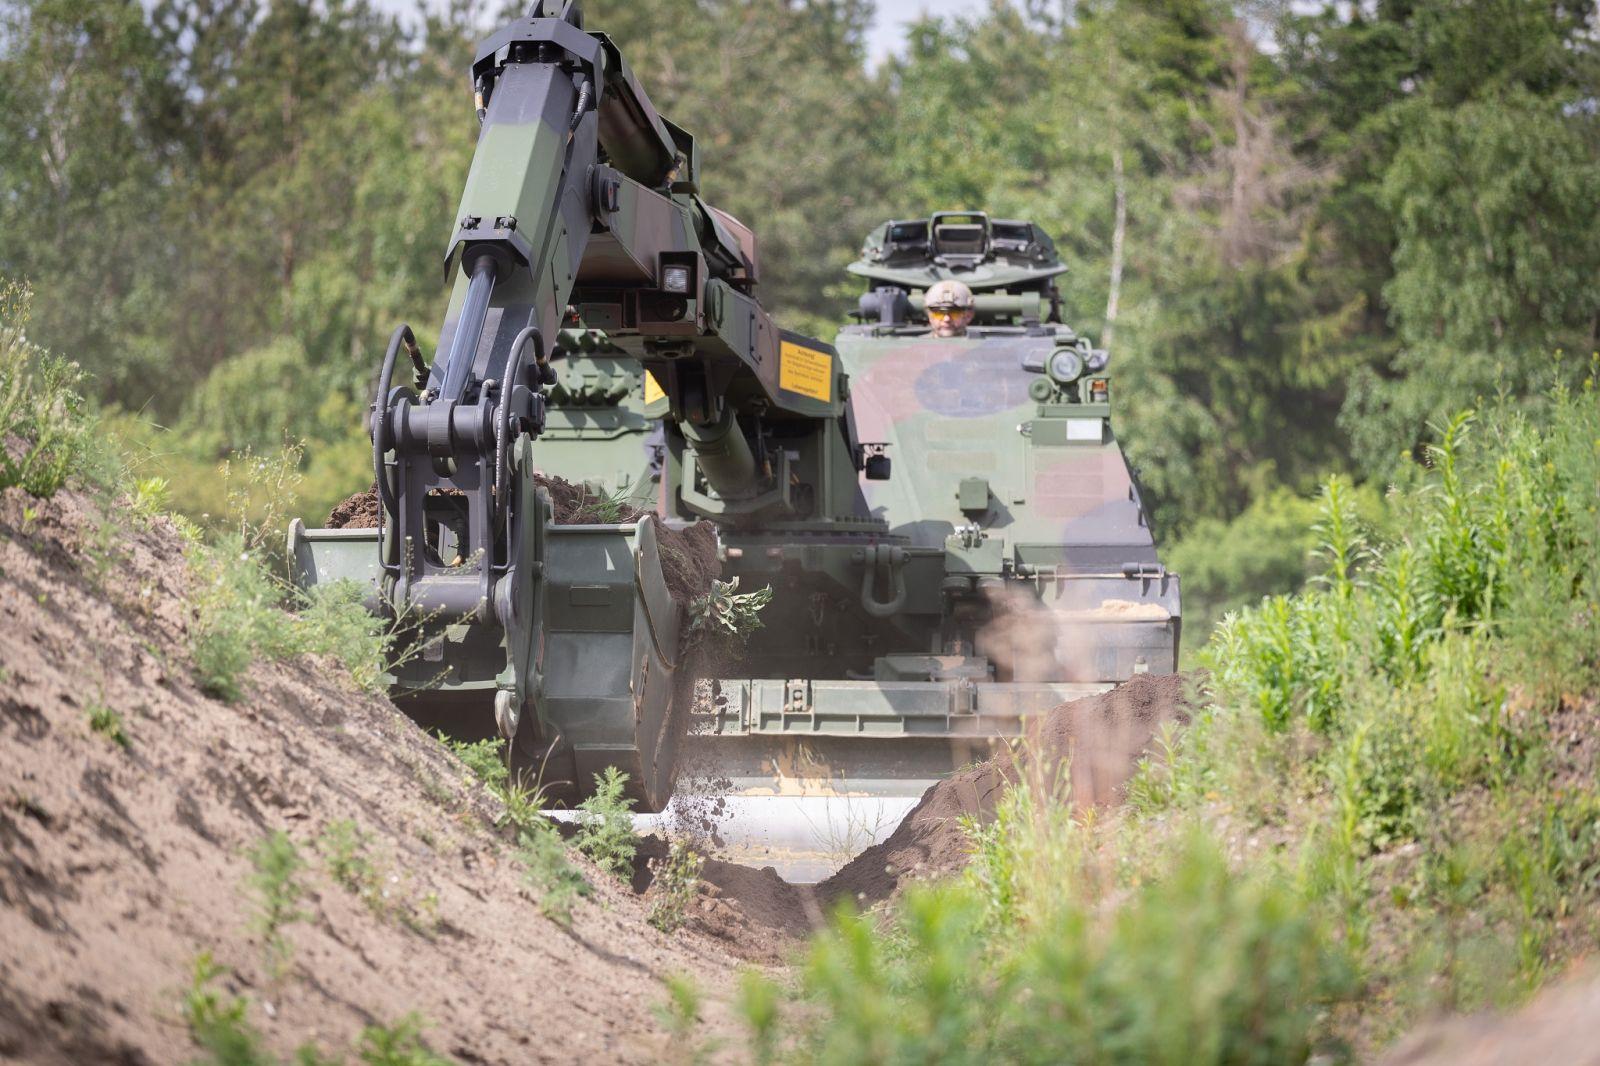 Rheinmetall Kodiak ще бъде новата бойна инженерна машина на Bundeswehr-а (ЕКСКЛУЗИВНА ГАЛЕРИЯ)